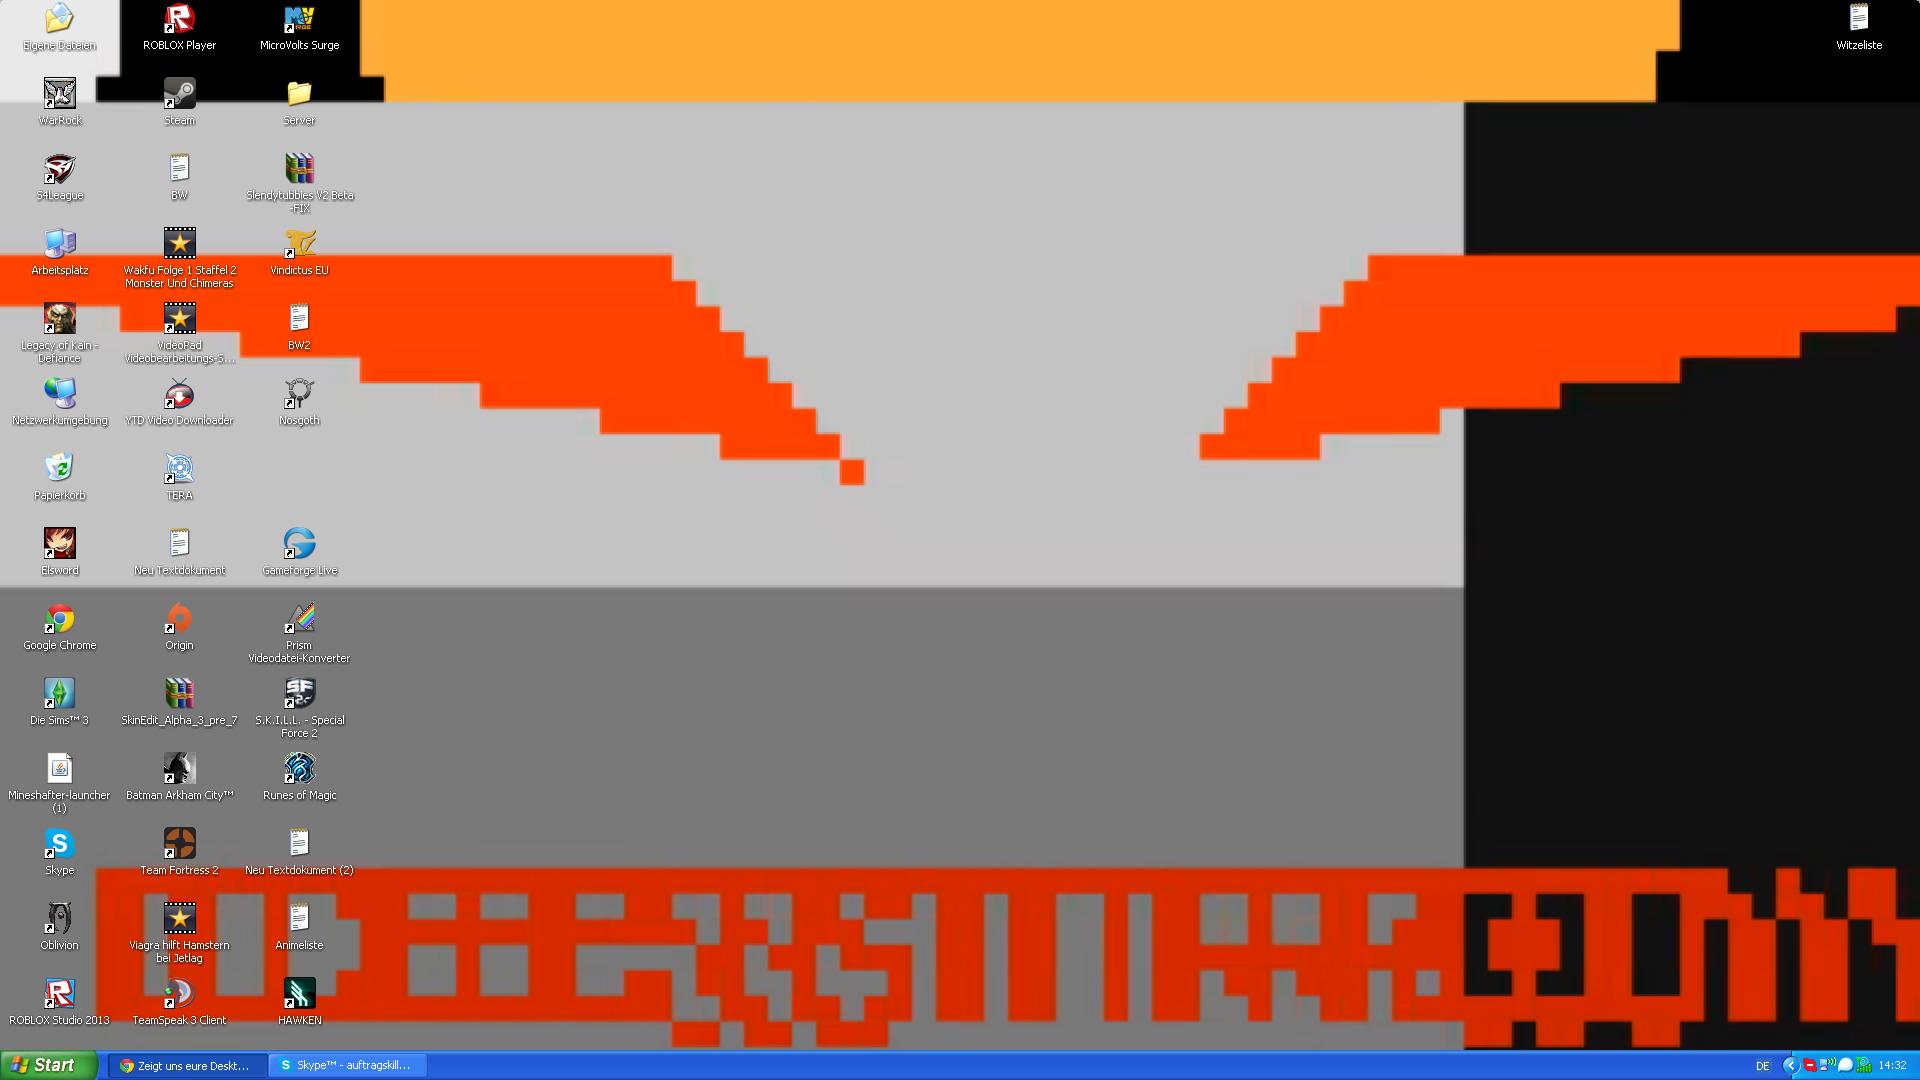 Zeigt uns eure Desktops!! >:DDD Desktopucjhw